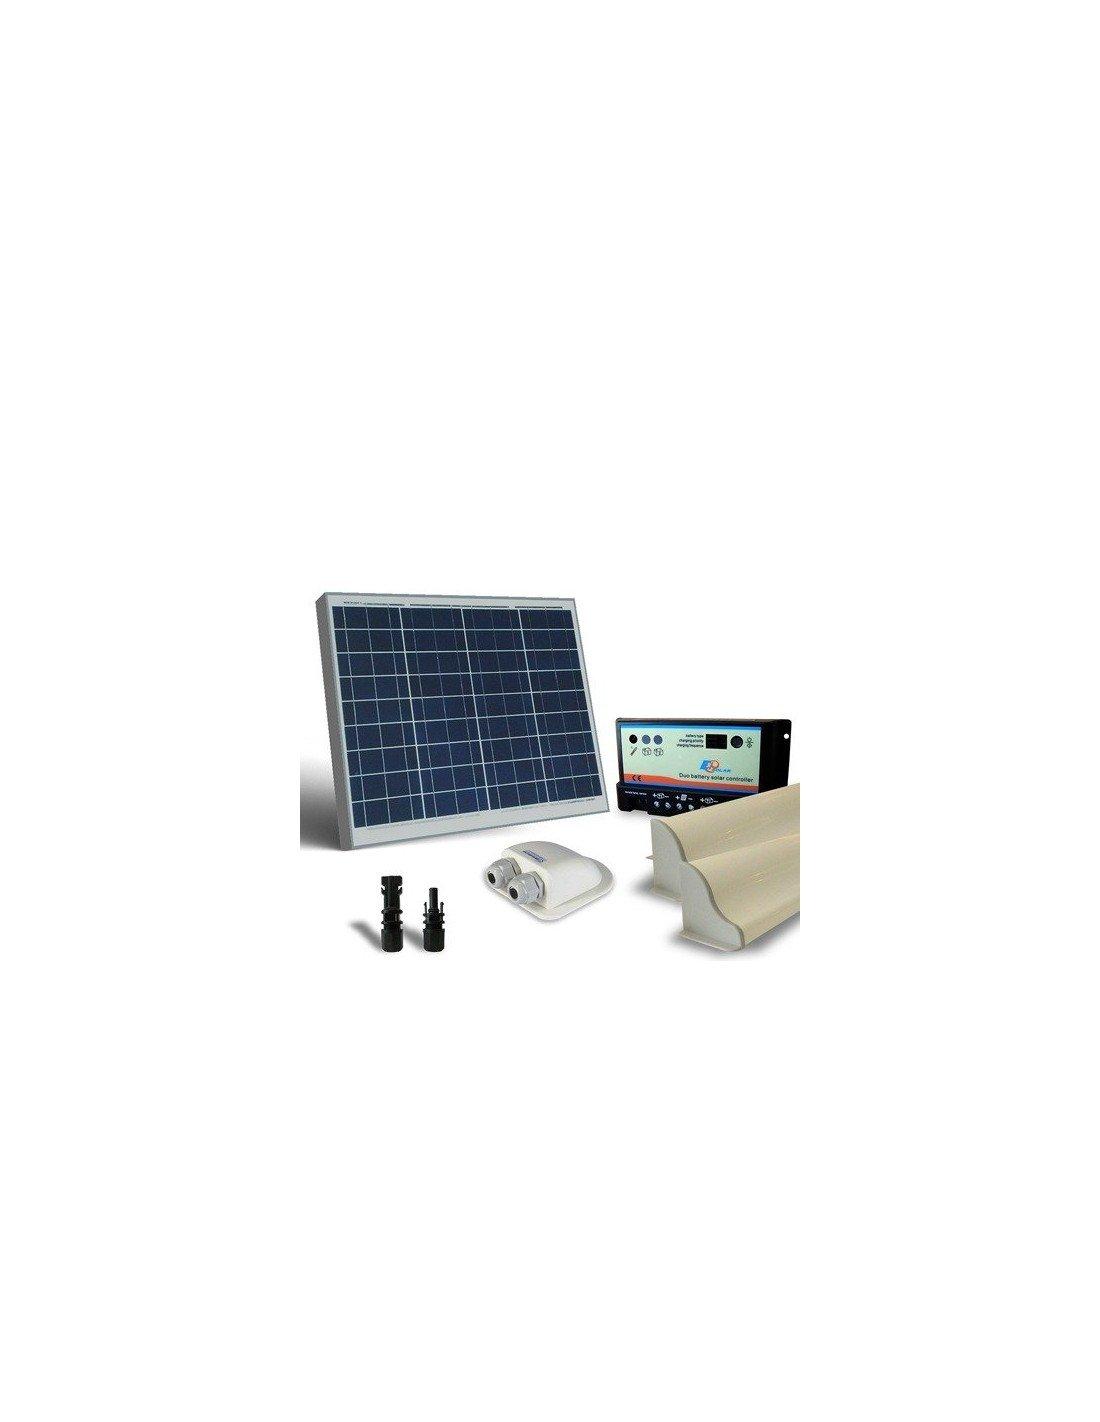 Kit Pannello Solare Offerta : Kit solare camper w v base pannello fotovoltaico